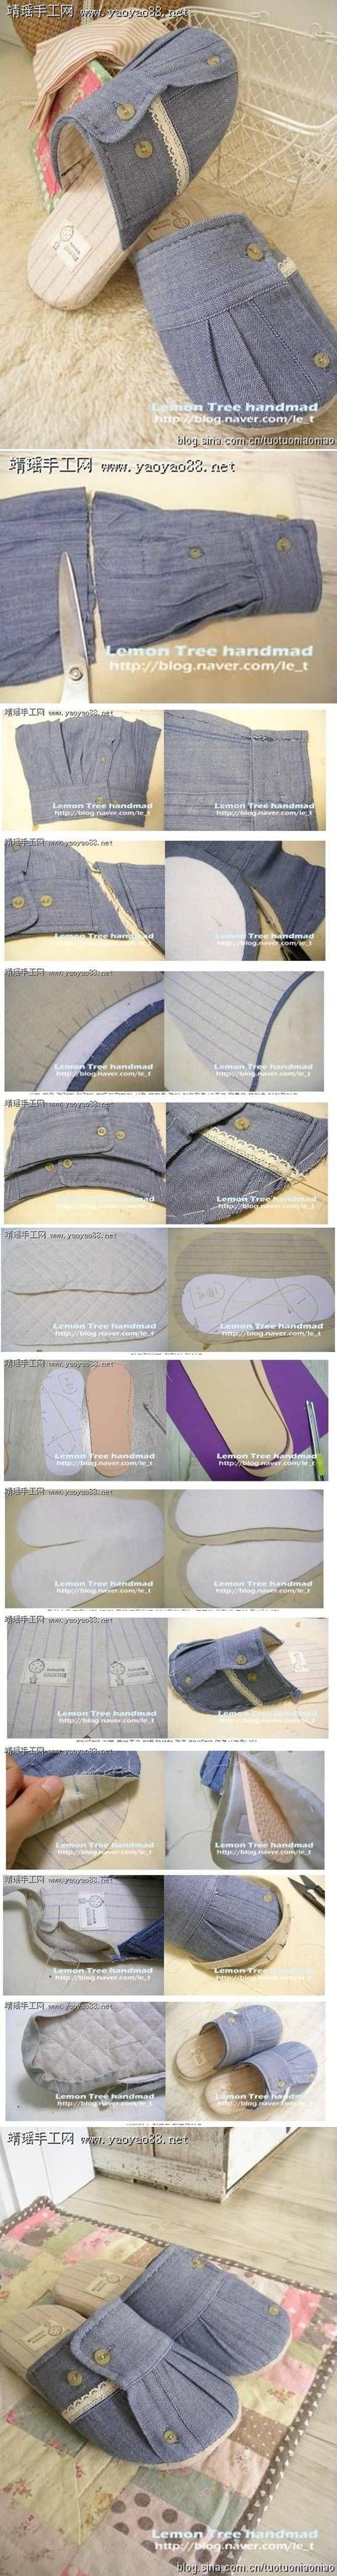 Haga zapatillas de puños ropa vieja  -  DIY Old Clothes Cuff Slipper